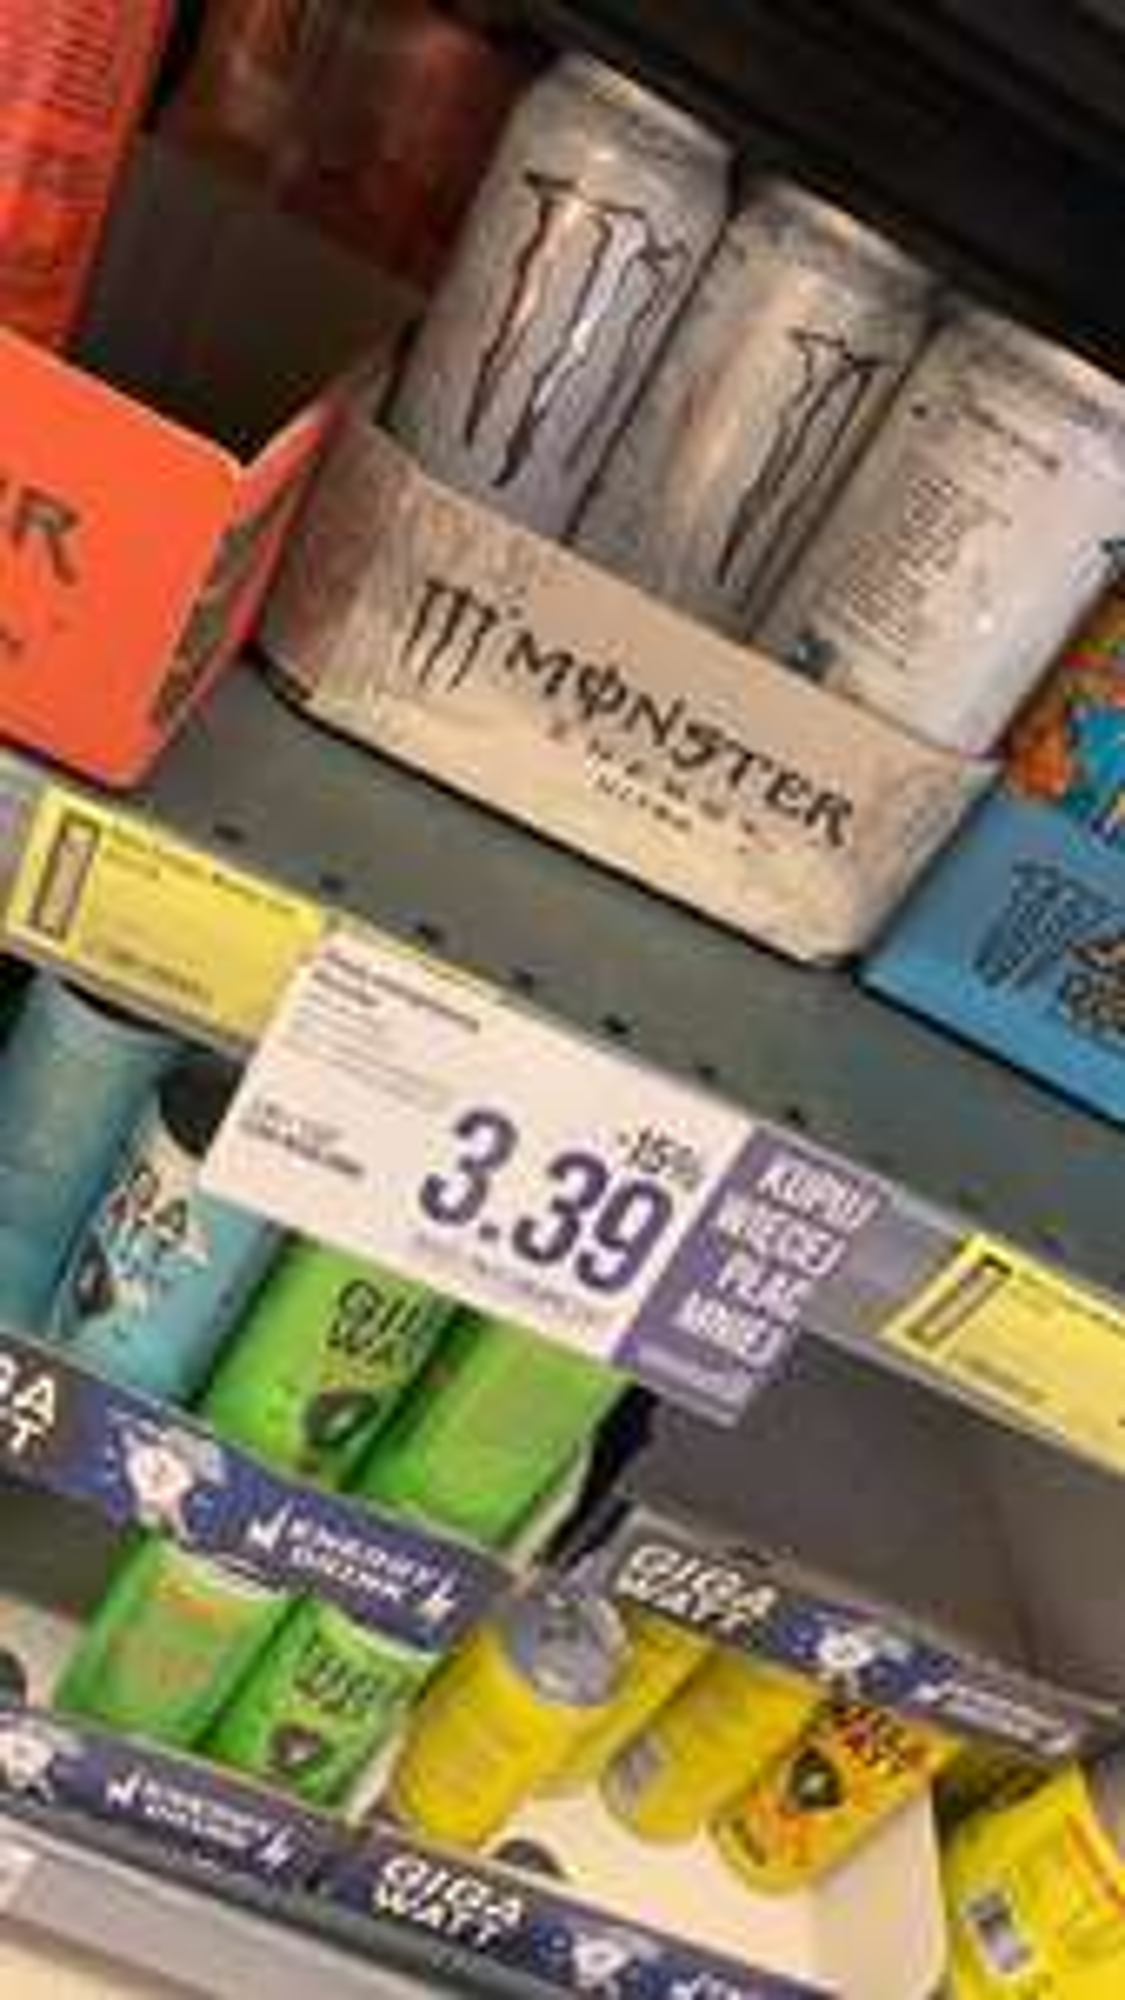 Monster w POLOmarket za 3,39 przy zakupie dwóch!